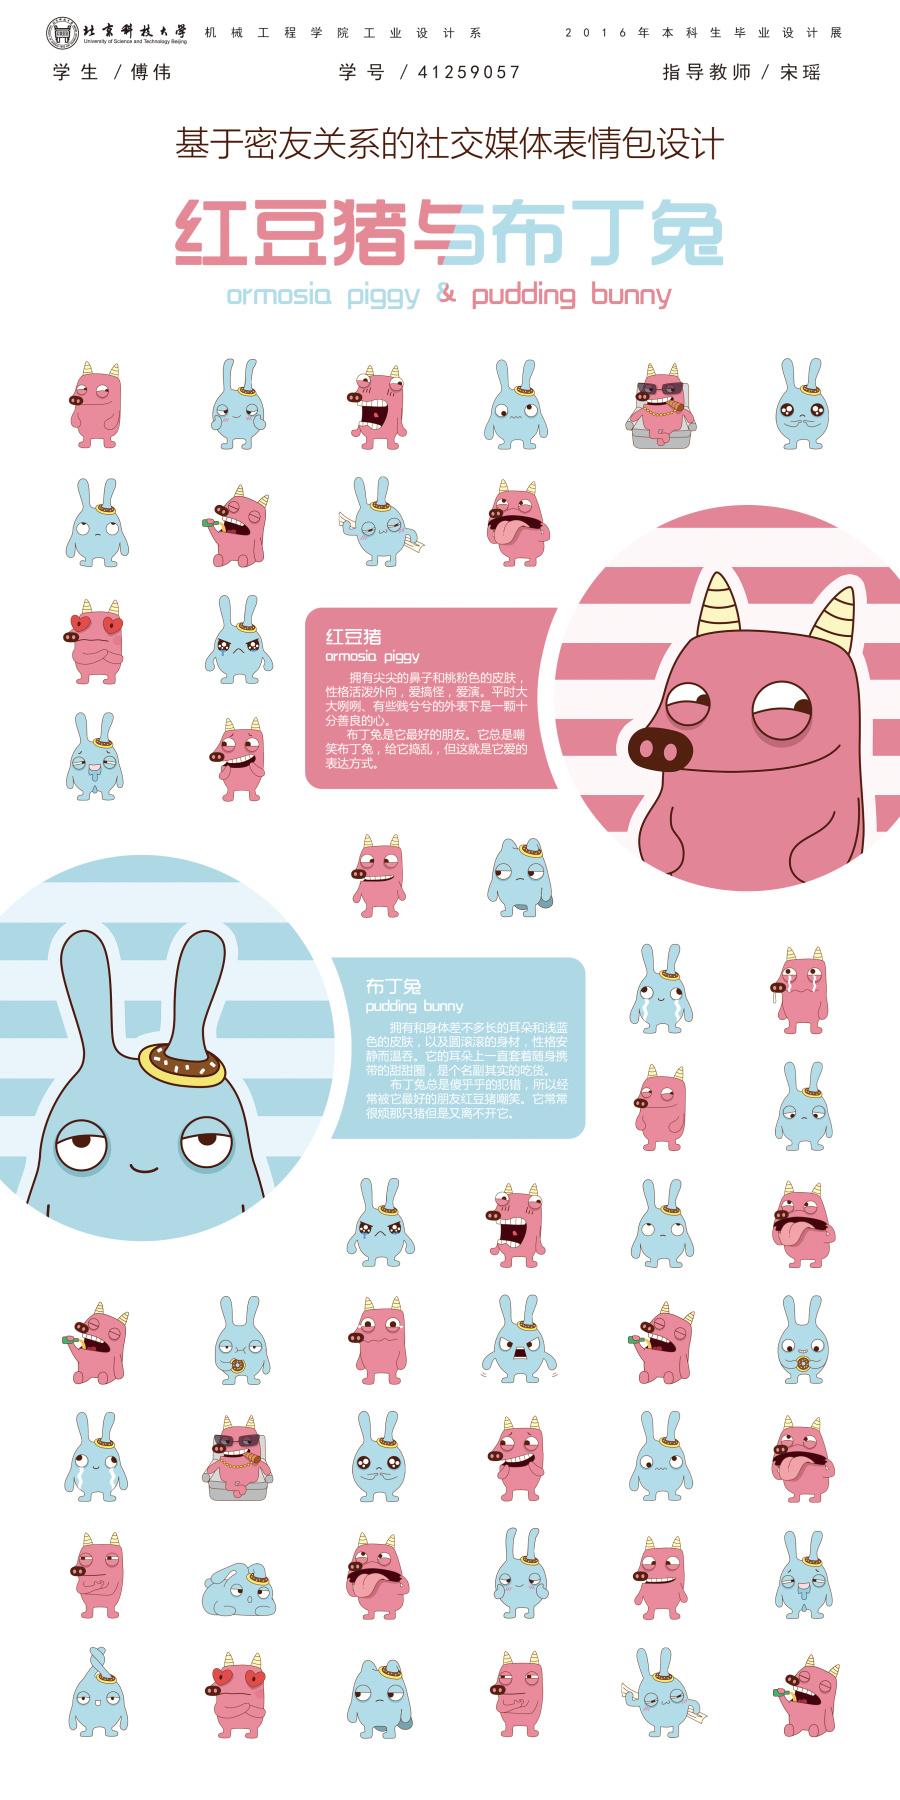 《红豆猪与动态兔》表情卡通形象v动态 网络呼吸表情包布丁图片